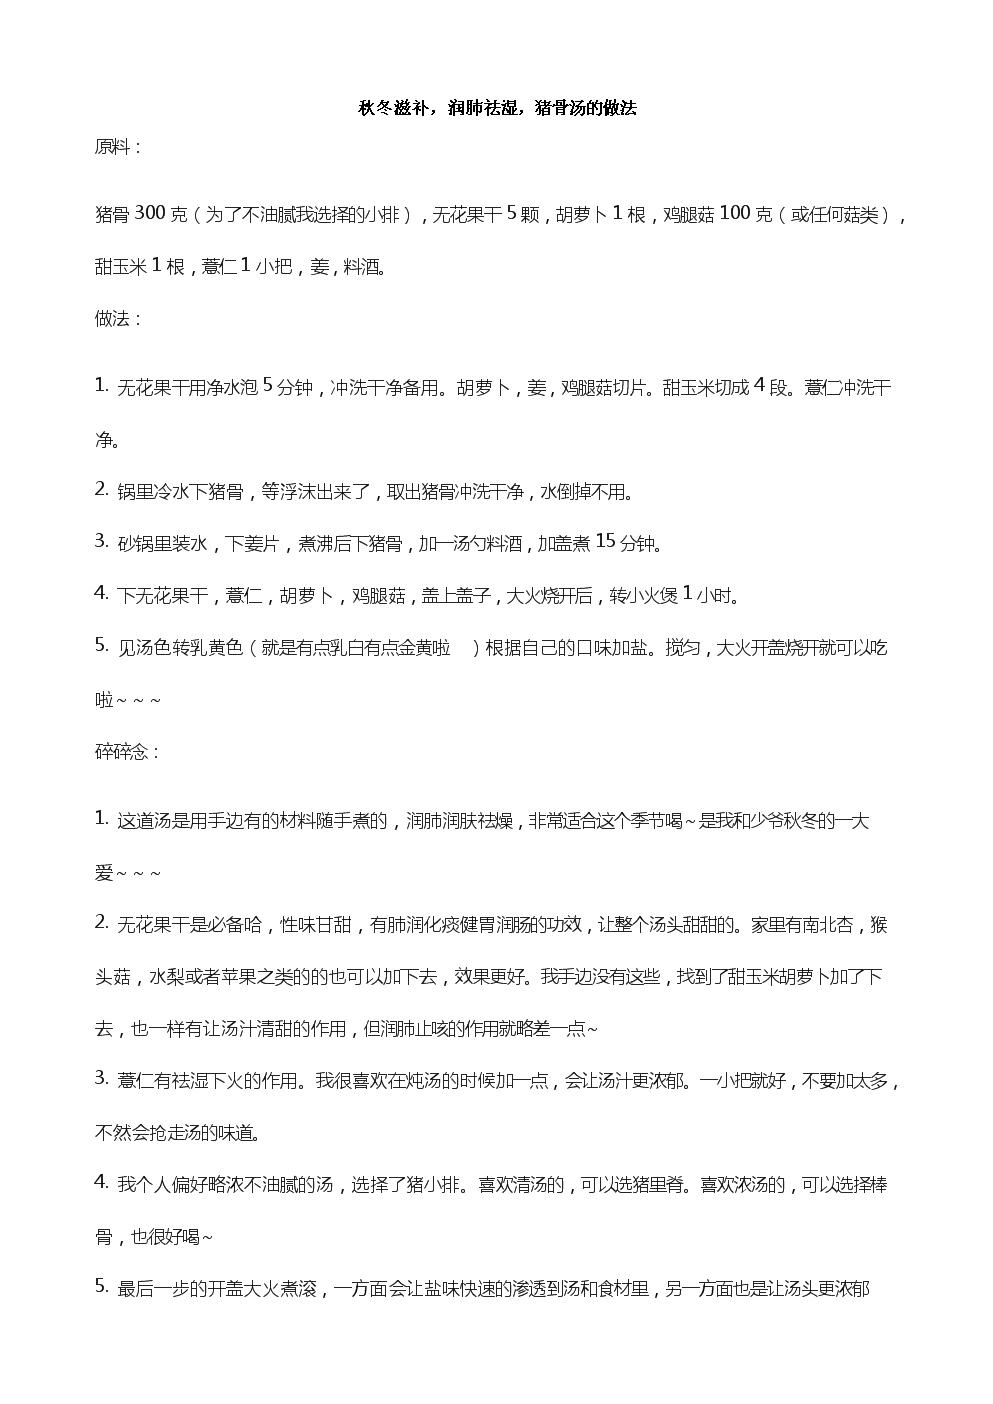 秋冬滋补,润肺祛湿,猪骨汤的做法.docx